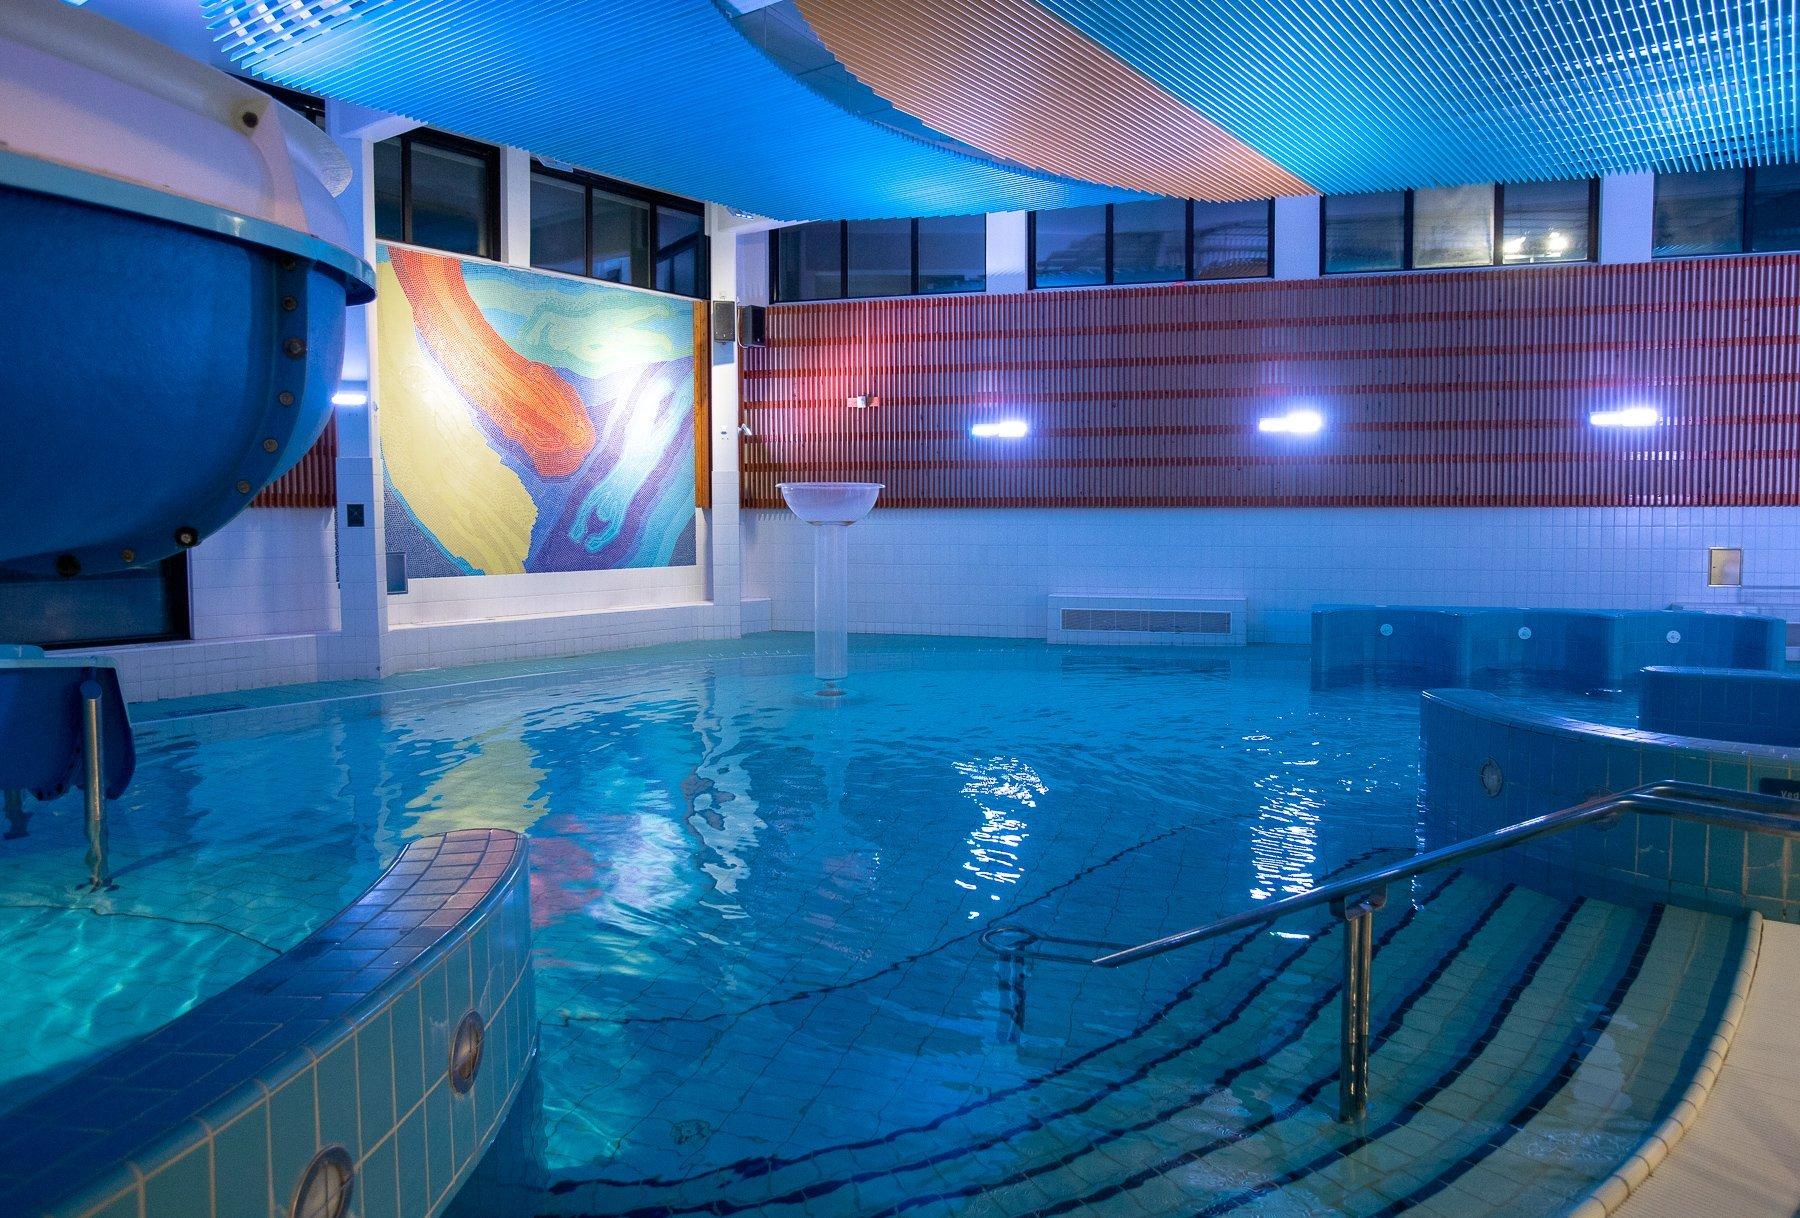 Salon uimahalli aukioloajat 2020